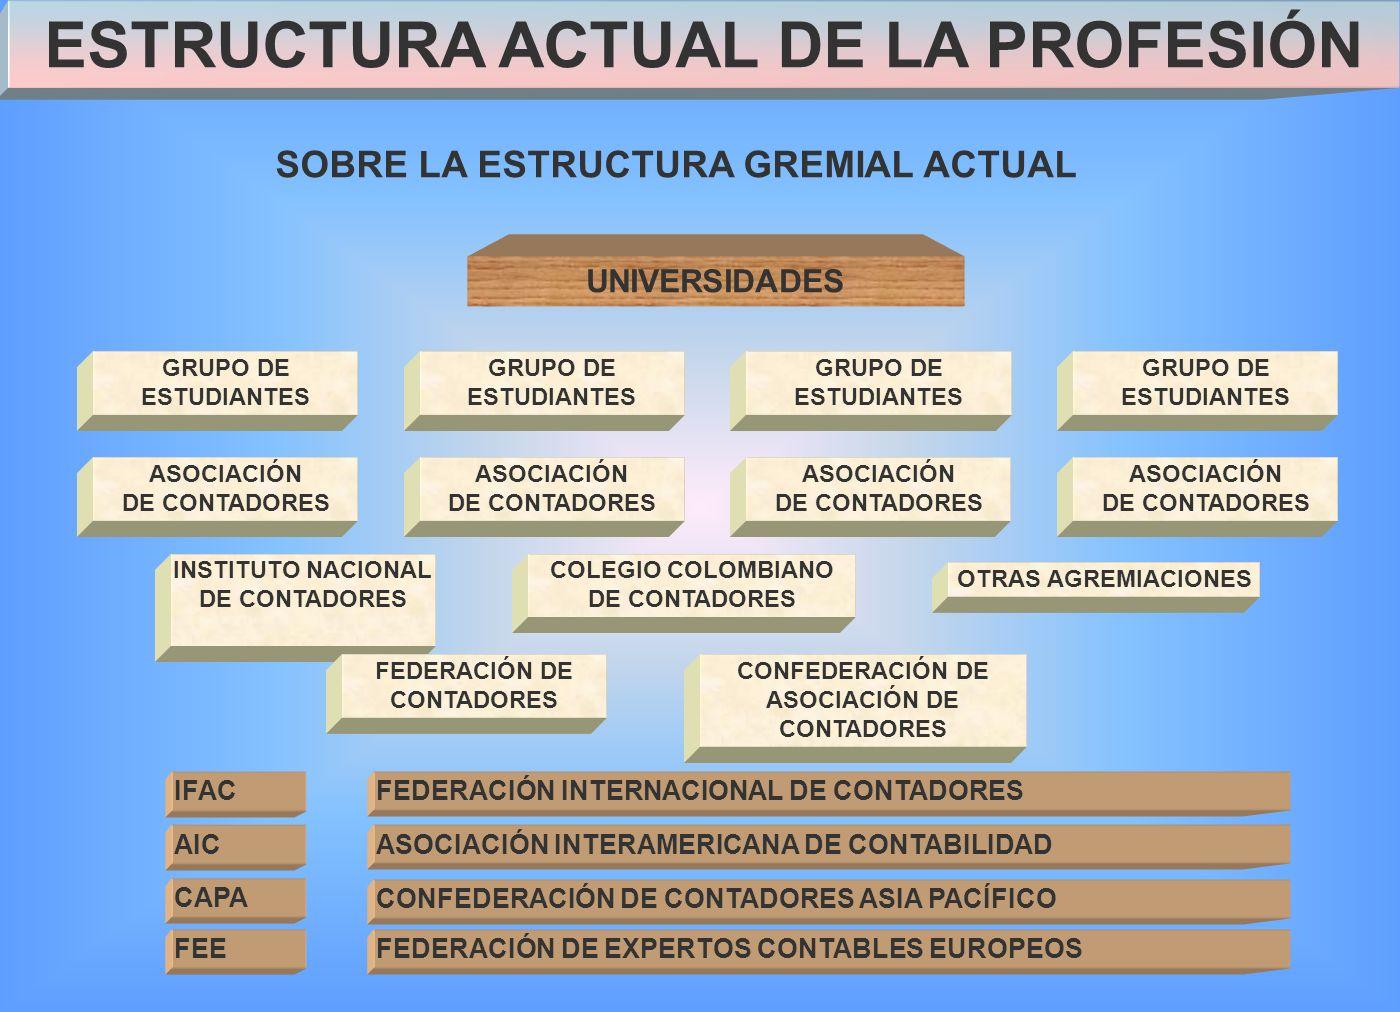 UNIVERSIDADES SOBRE LA ESTRUCTURA GREMIAL ACTUAL INSTITUTO NACIONAL DE CONTADORES COLEGIO COLOMBIANO DE CONTADORES OTRAS AGREMIACIONES IFAC AIC CAPA FEE FEDERACIÓN INTERNACIONAL DE CONTADORES ASOCIACIÓN INTERAMERICANA DE CONTABILIDAD FEDERACIÓN DE EXPERTOS CONTABLES EUROPEOS CONFEDERACIÓN DE CONTADORES ASIA PACÍFICO FEDERACIÓN DE CONTADORES CONFEDERACIÓN DE ASOCIACIÓN DE CONTADORES ASOCIACIÓN DE CONTADORES ASOCIACIÓN DE CONTADORES ASOCIACIÓN DE CONTADORES ASOCIACIÓN DE CONTADORES GRUPO DE ESTUDIANTES ESTRUCTURA ACTUAL DE LA PROFESIÓN